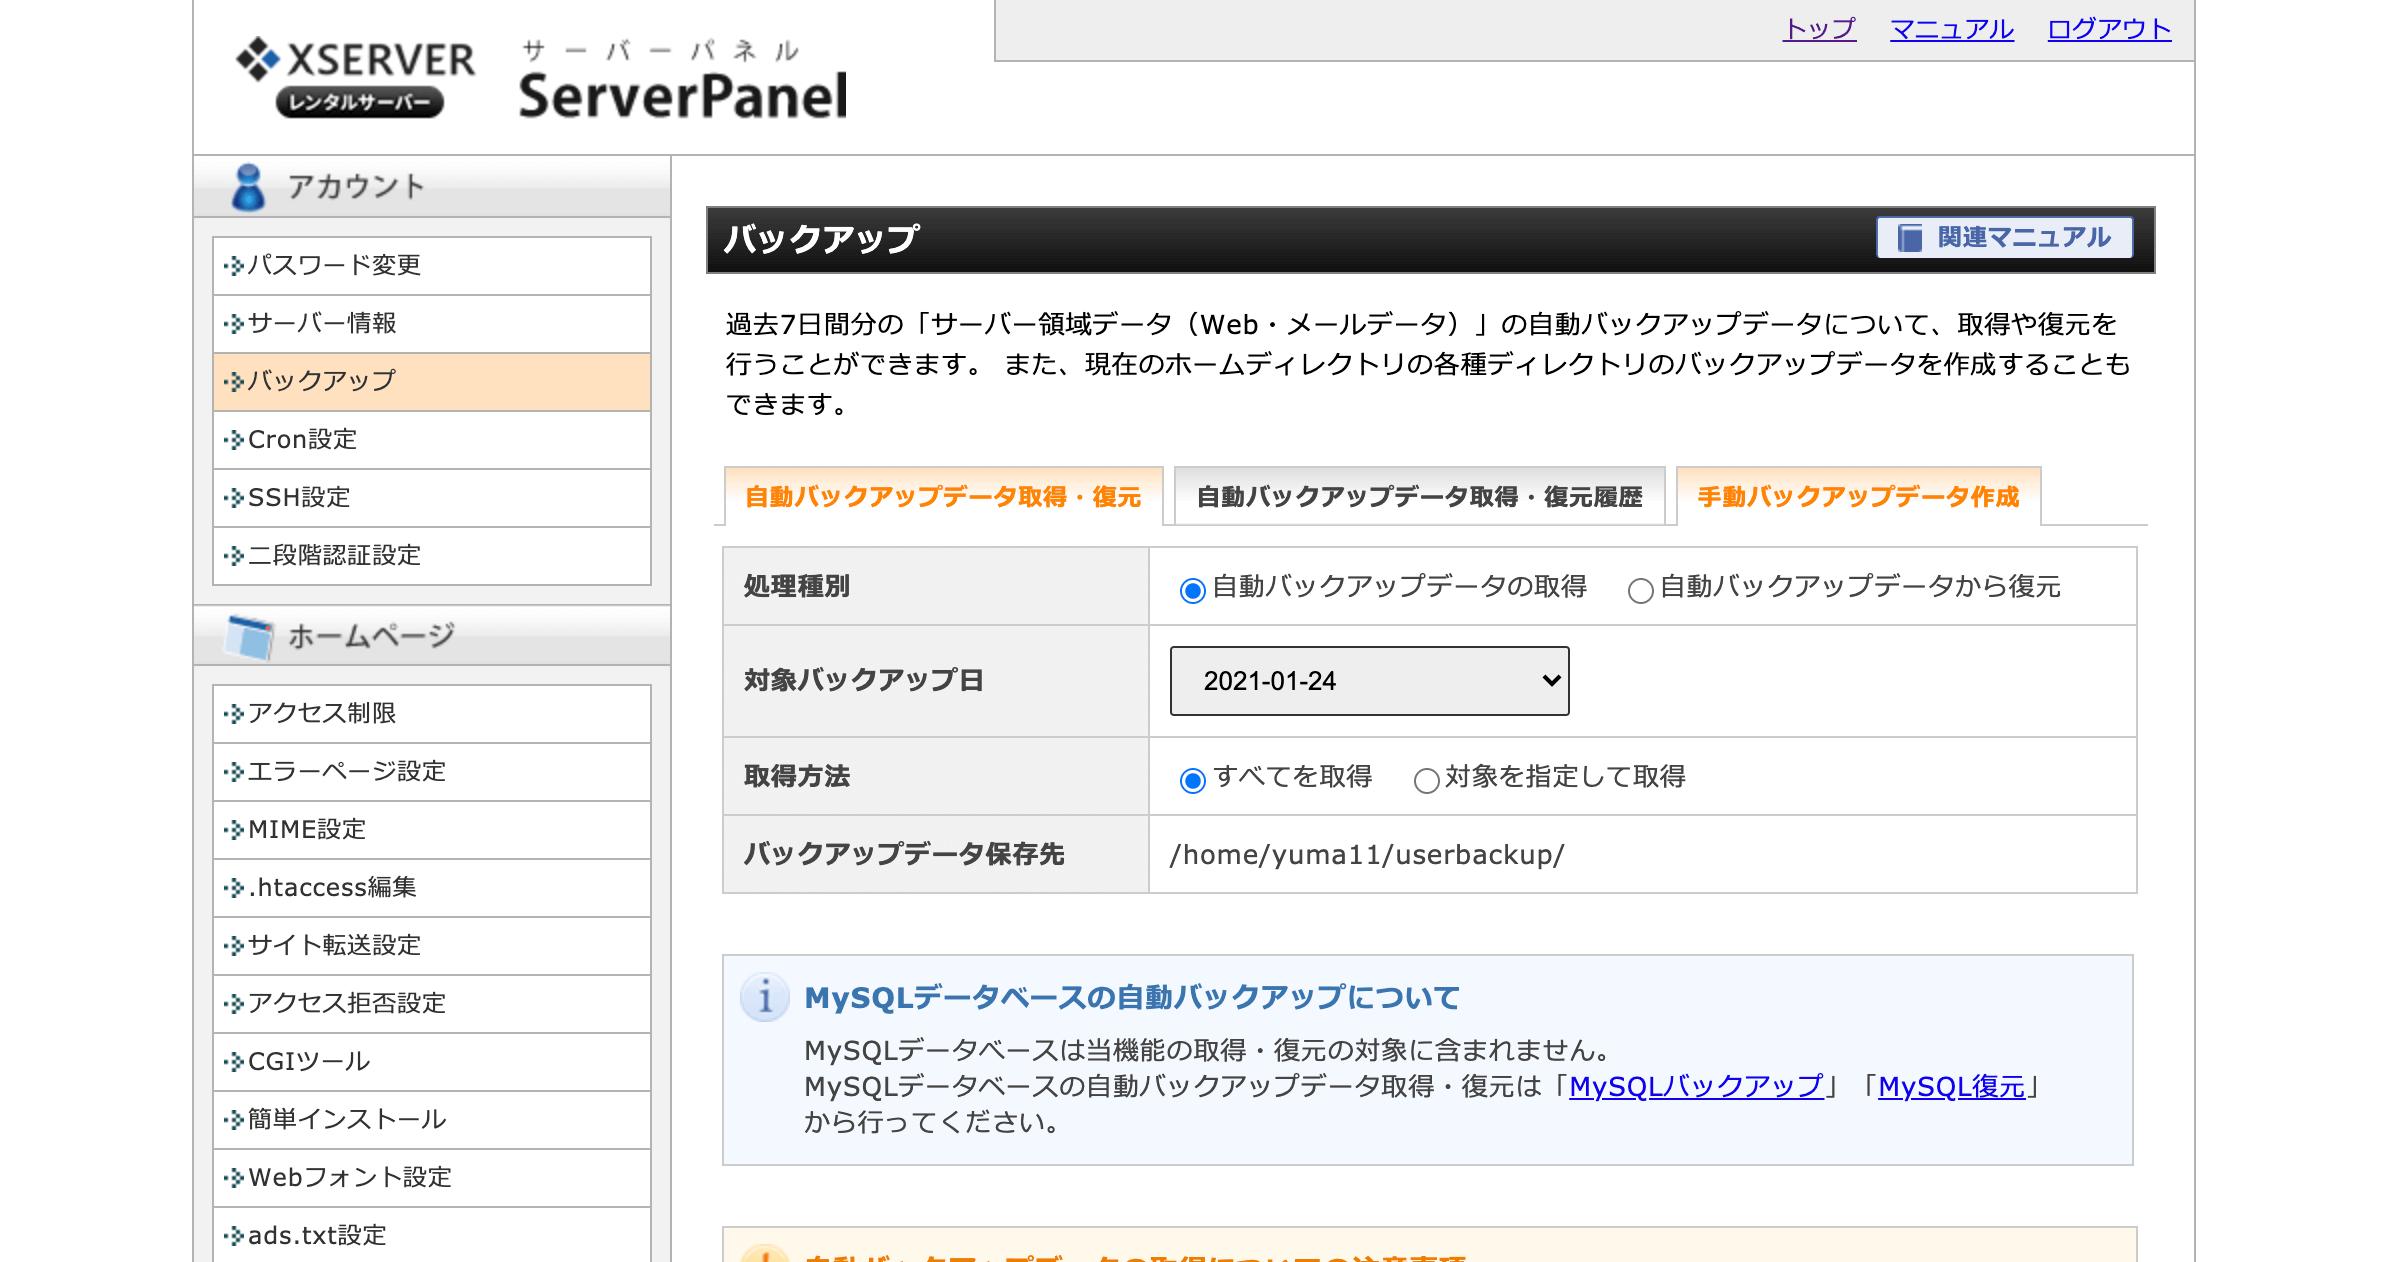 バックアップデータ取得・復元画面